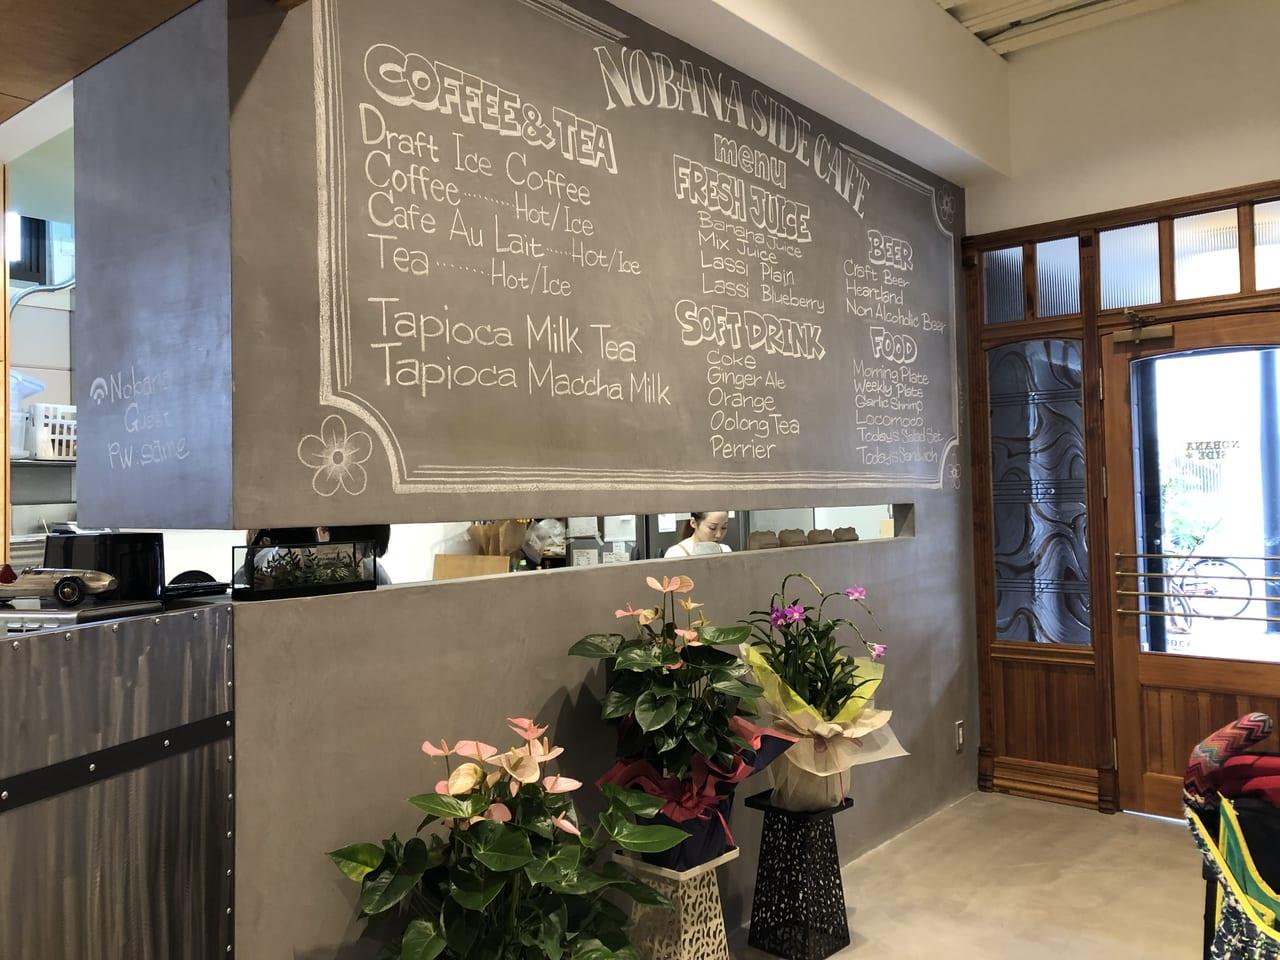 ノバナサイドカフェ